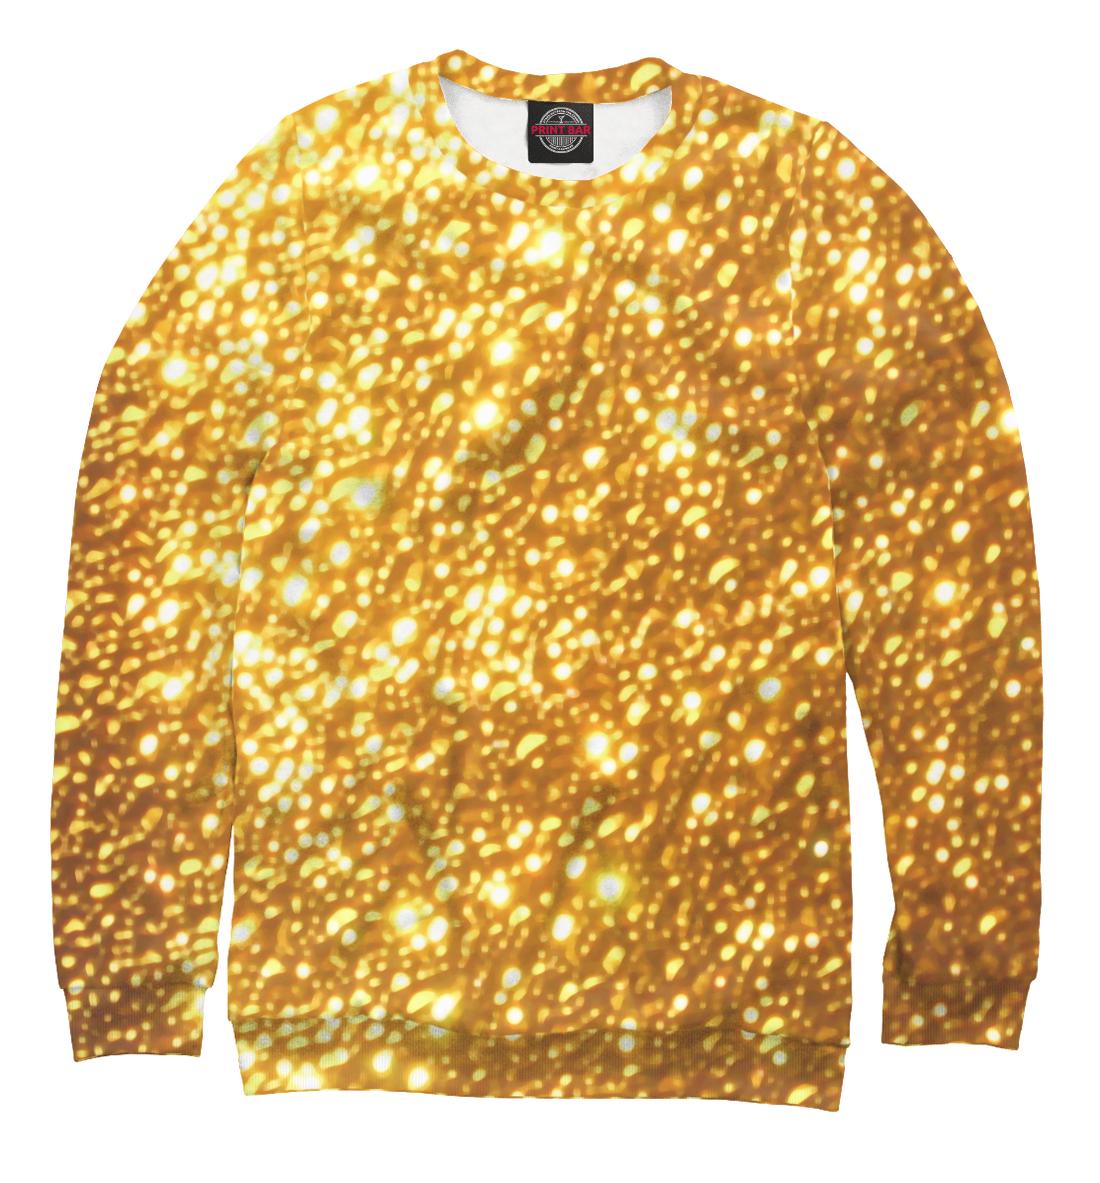 Золото, Printbar, Свитшоты, APD-995625-swi-1  - купить со скидкой